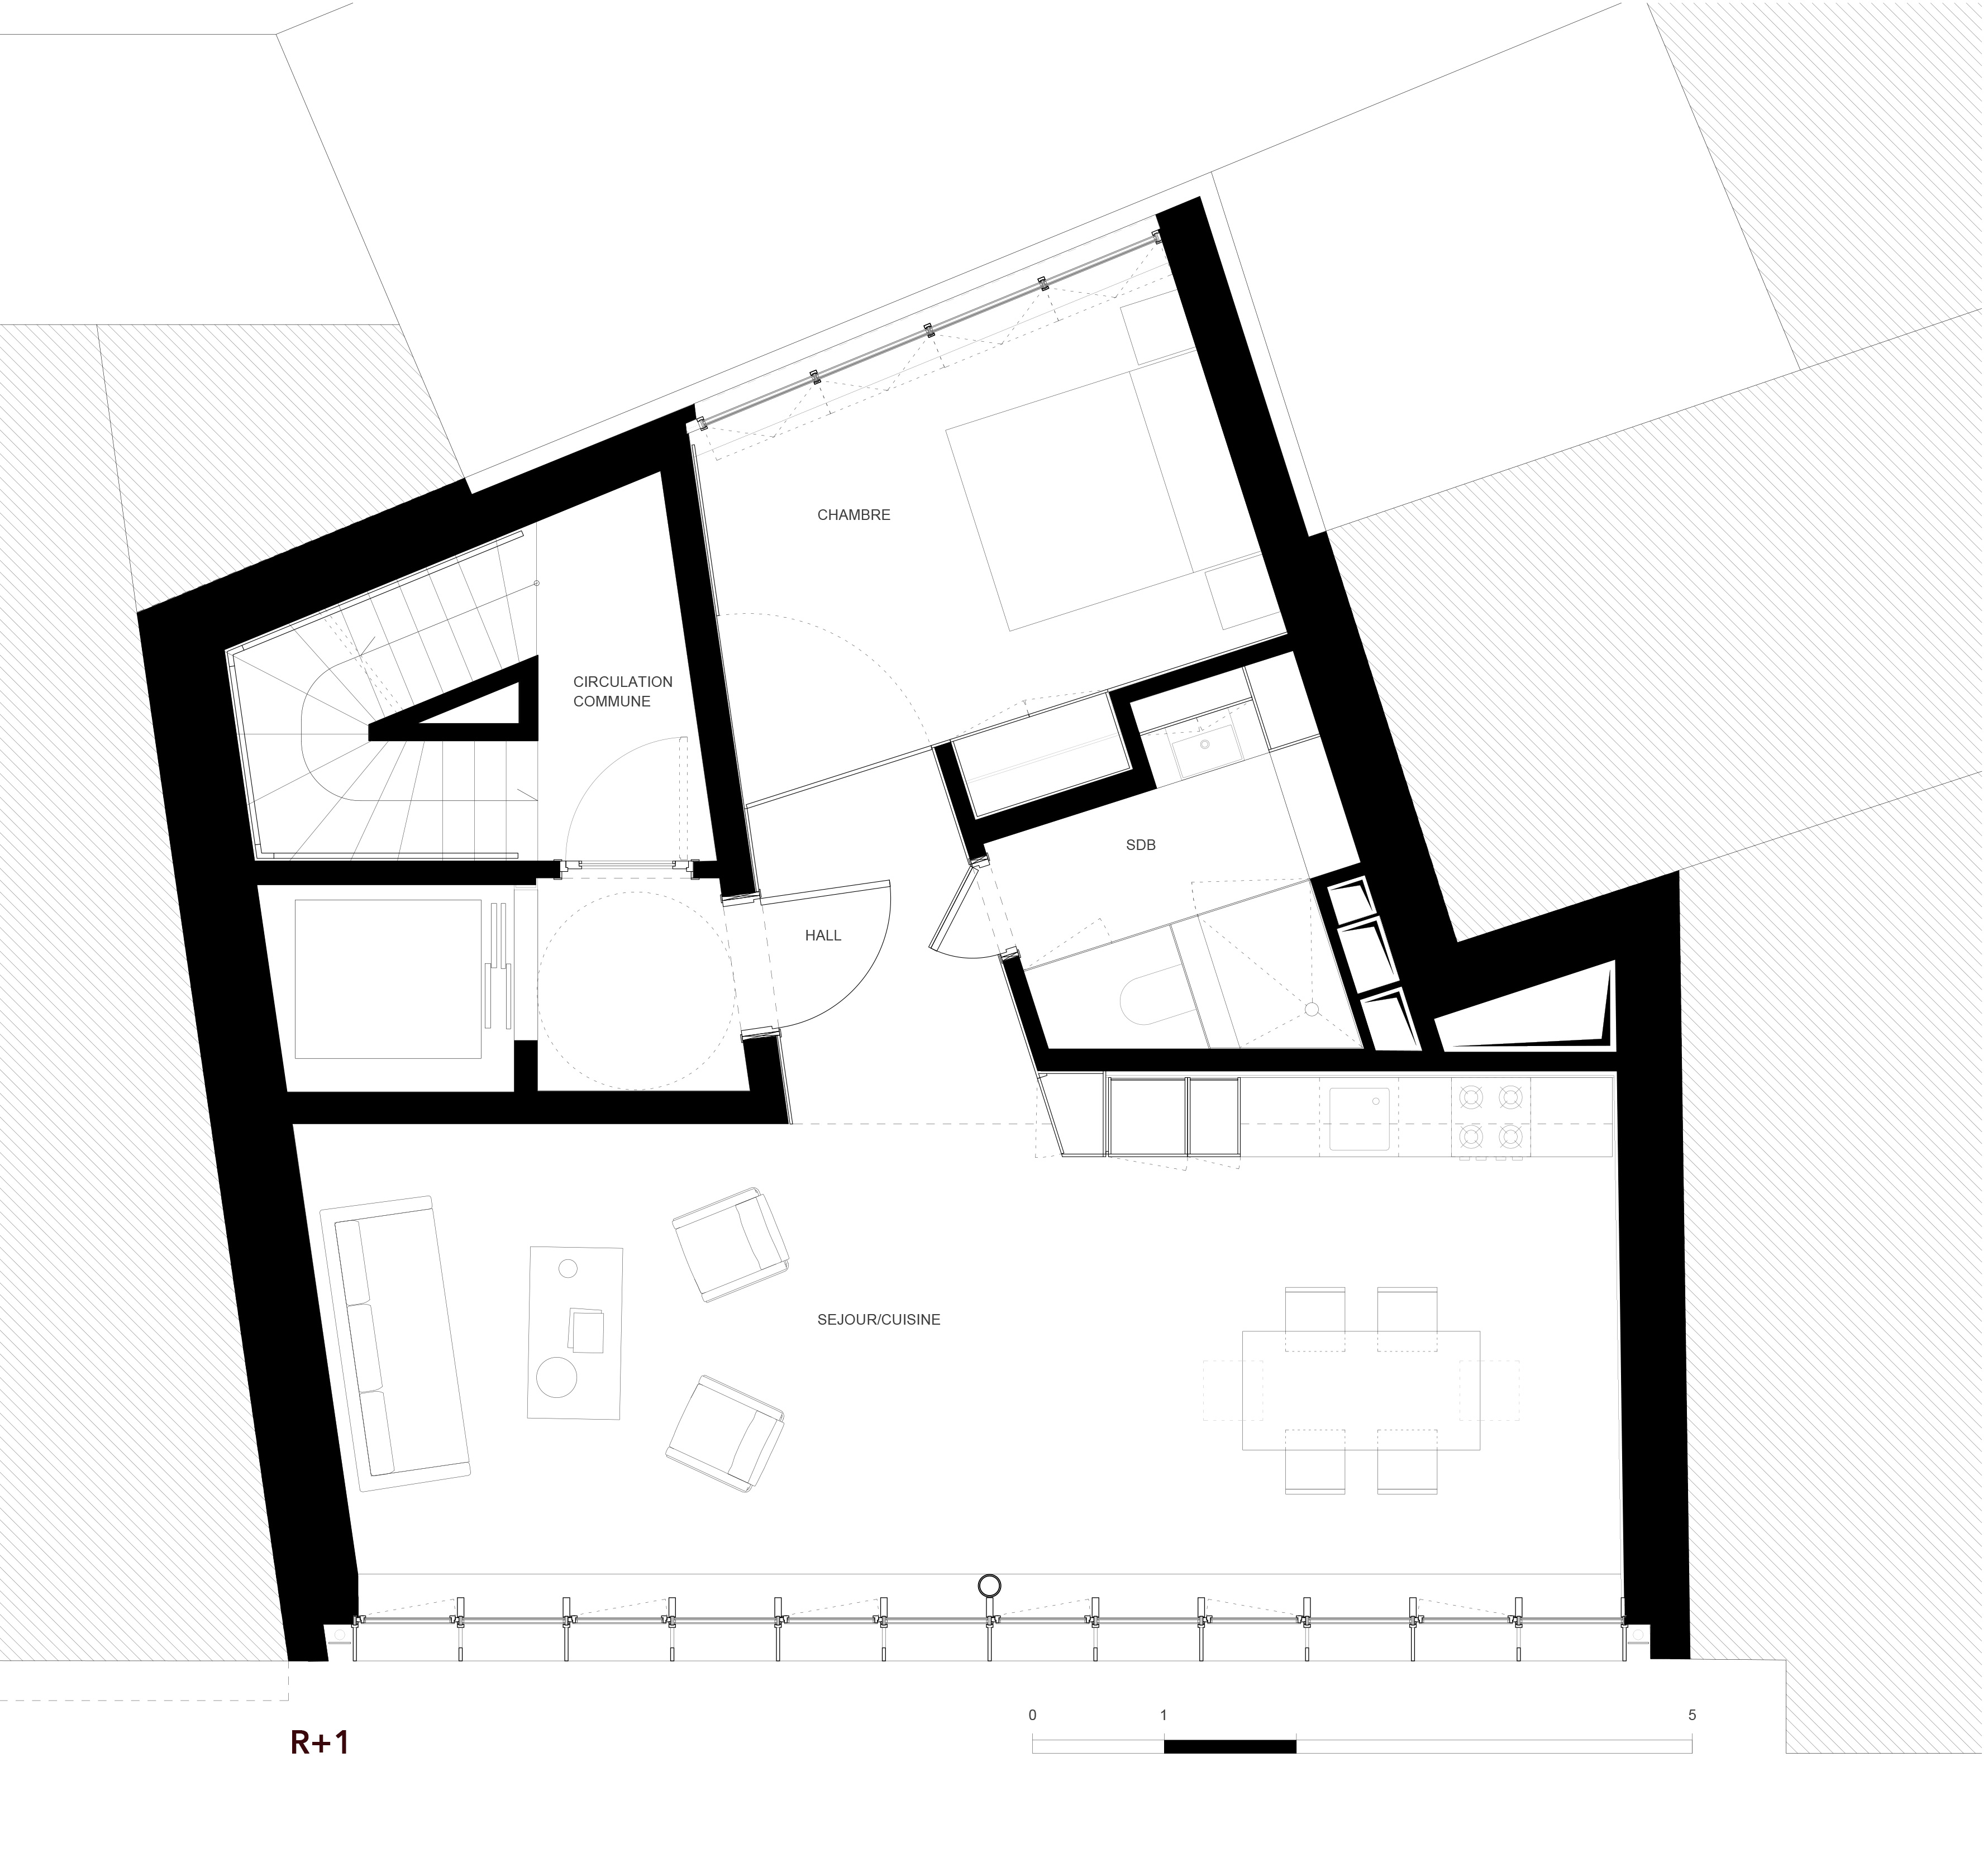 AVW_Quai-du-Hainaut_Plan-R+1